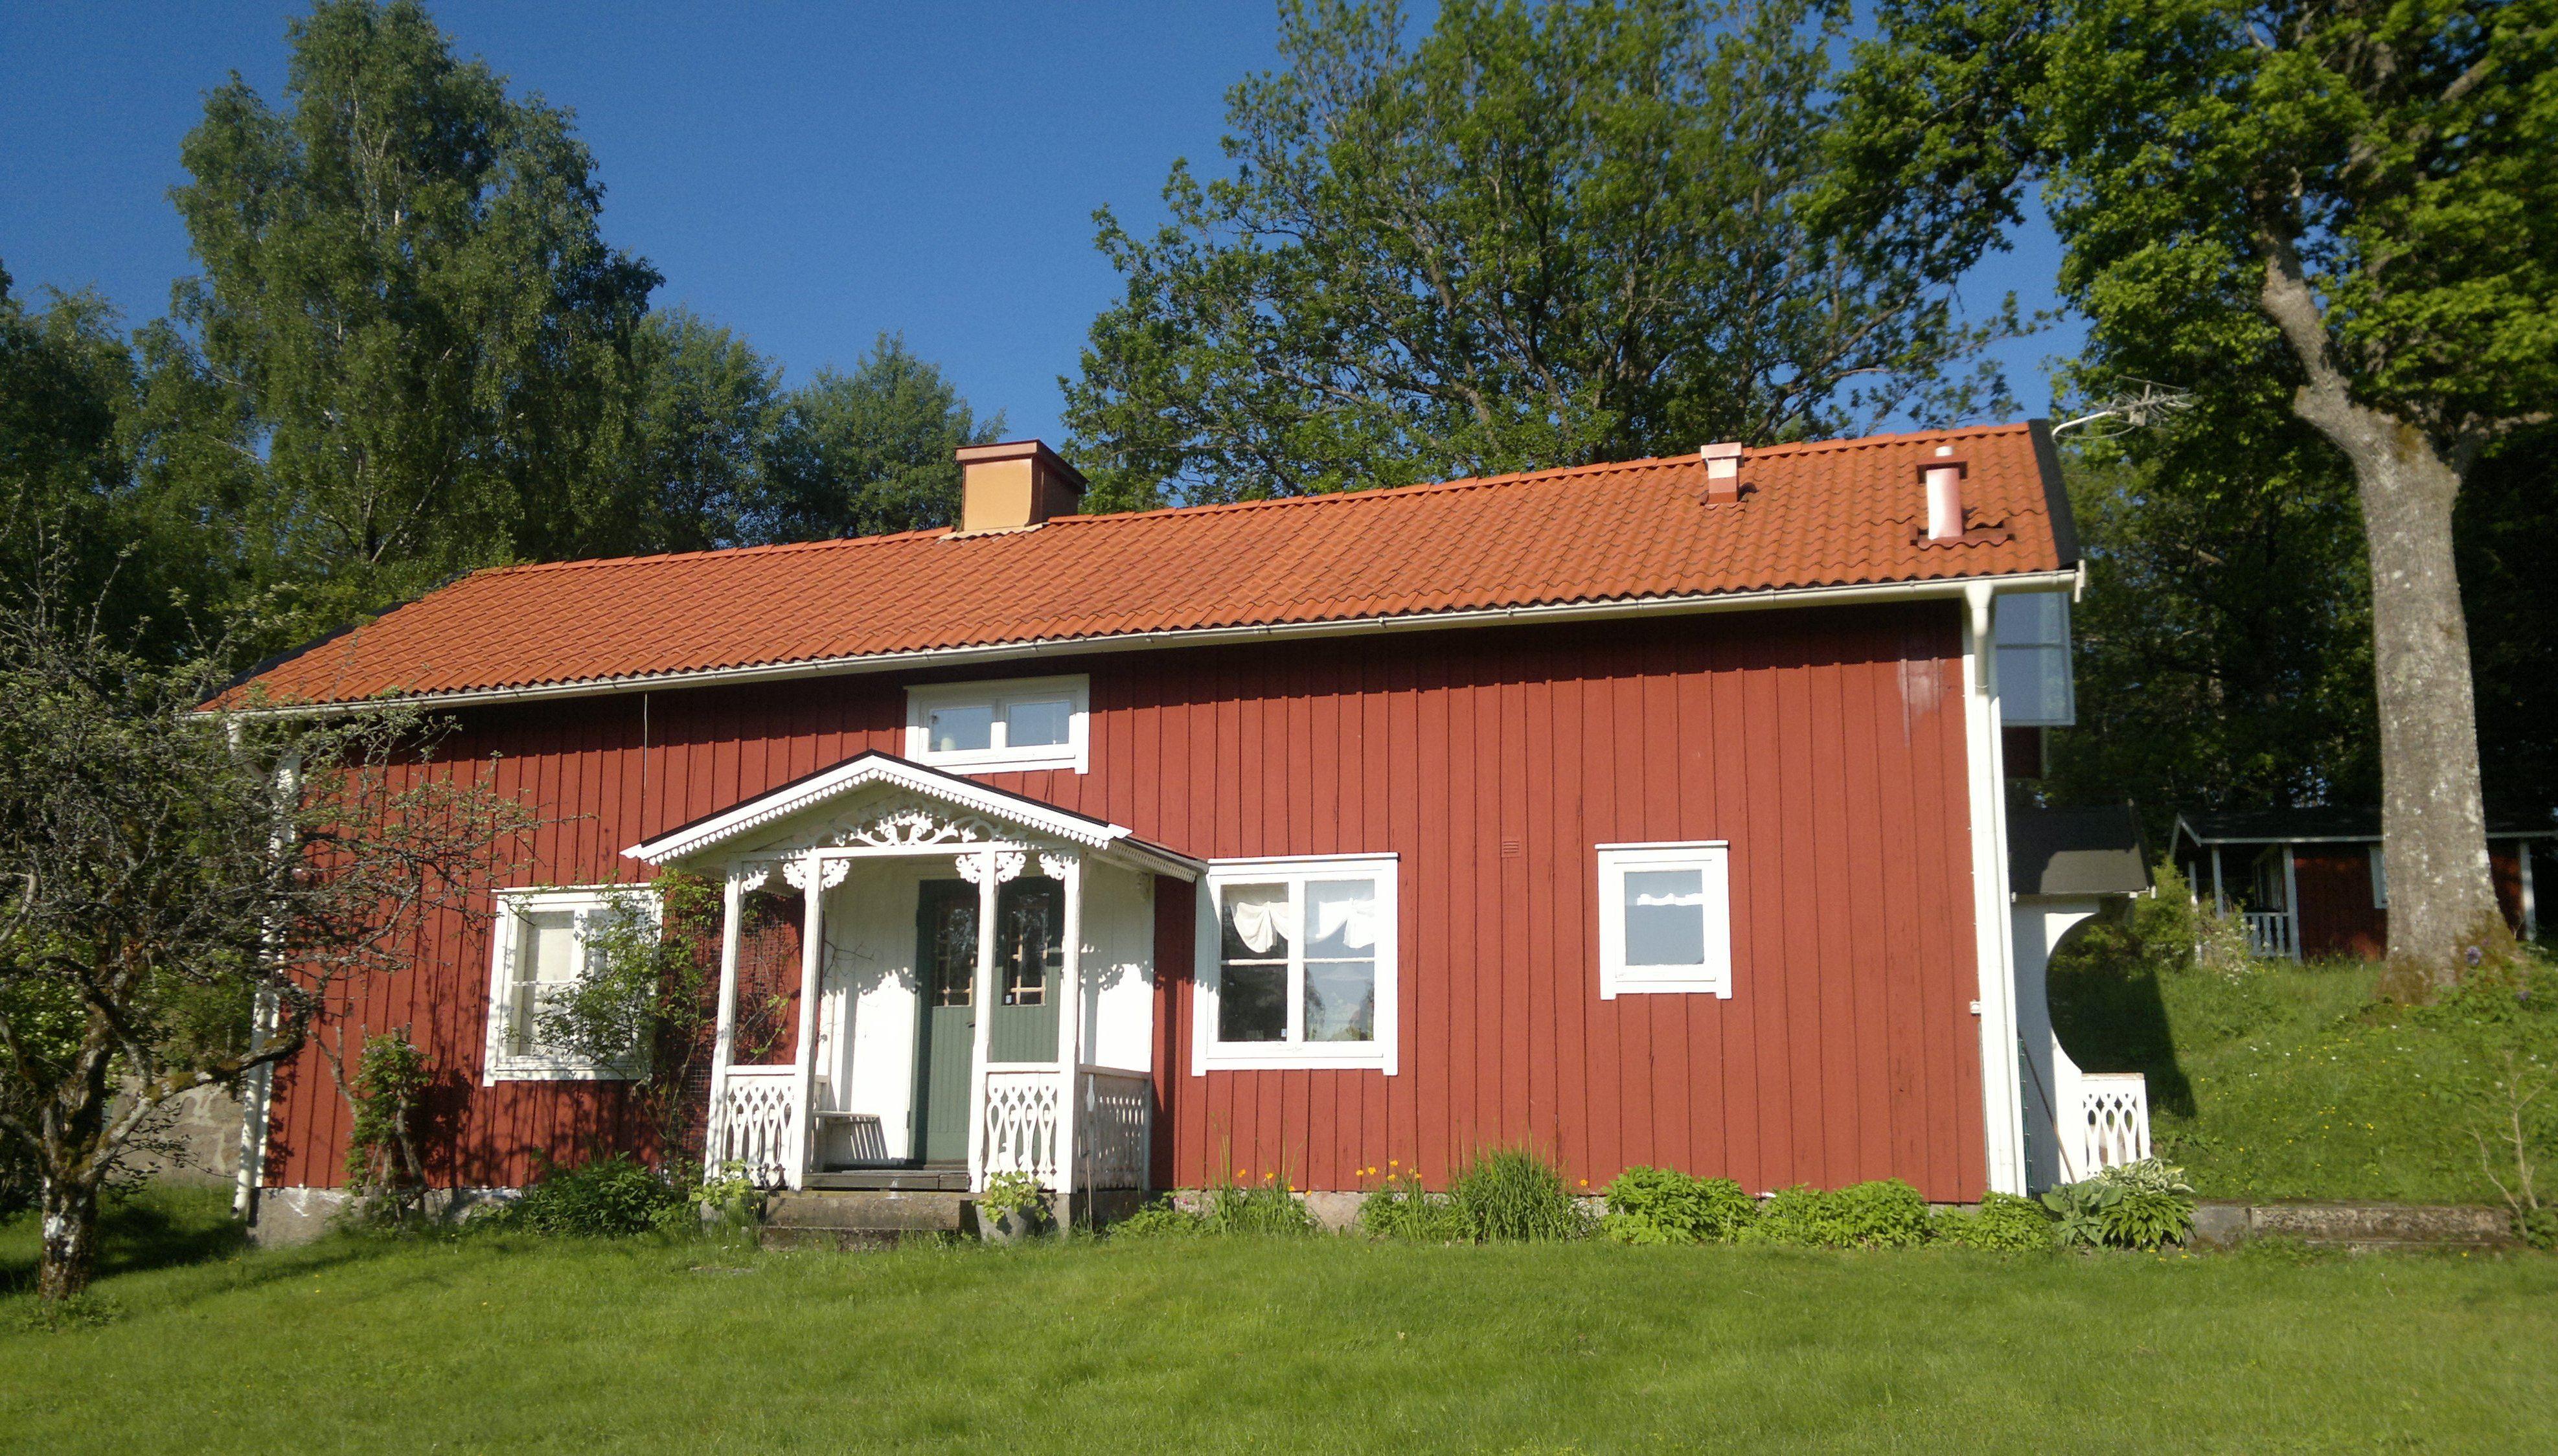 Stuga i Kylås - Melkers Hus, Gamla Kylås